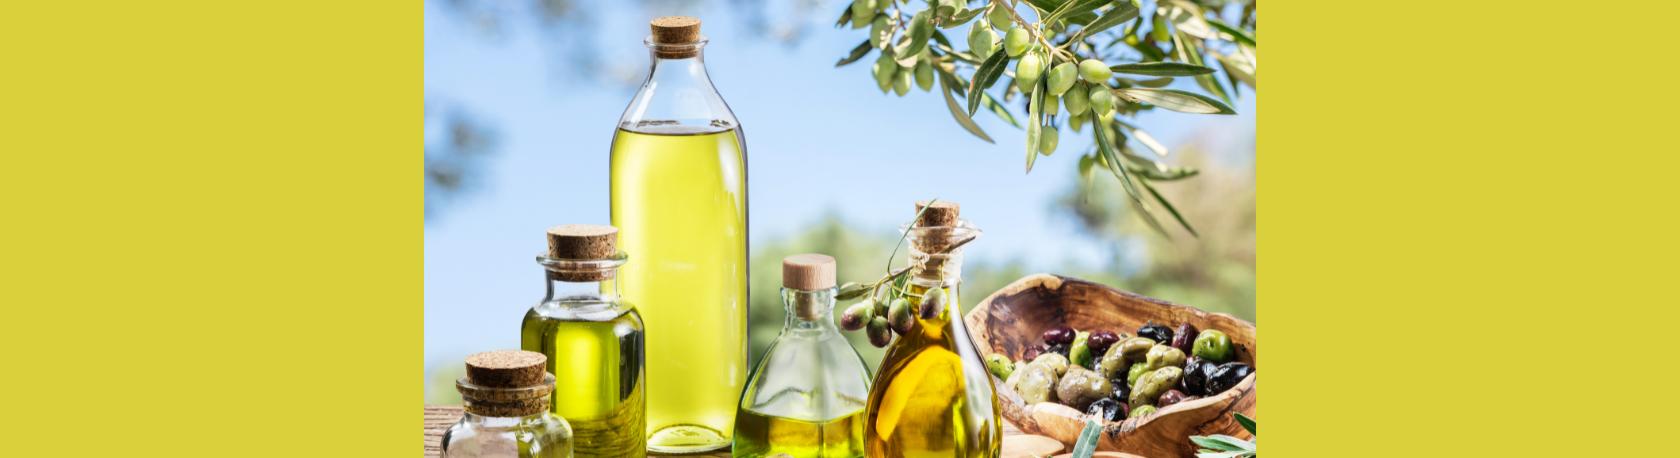 ¿Sabías que España es el productor más grande de aceite de oliva en el mundo?